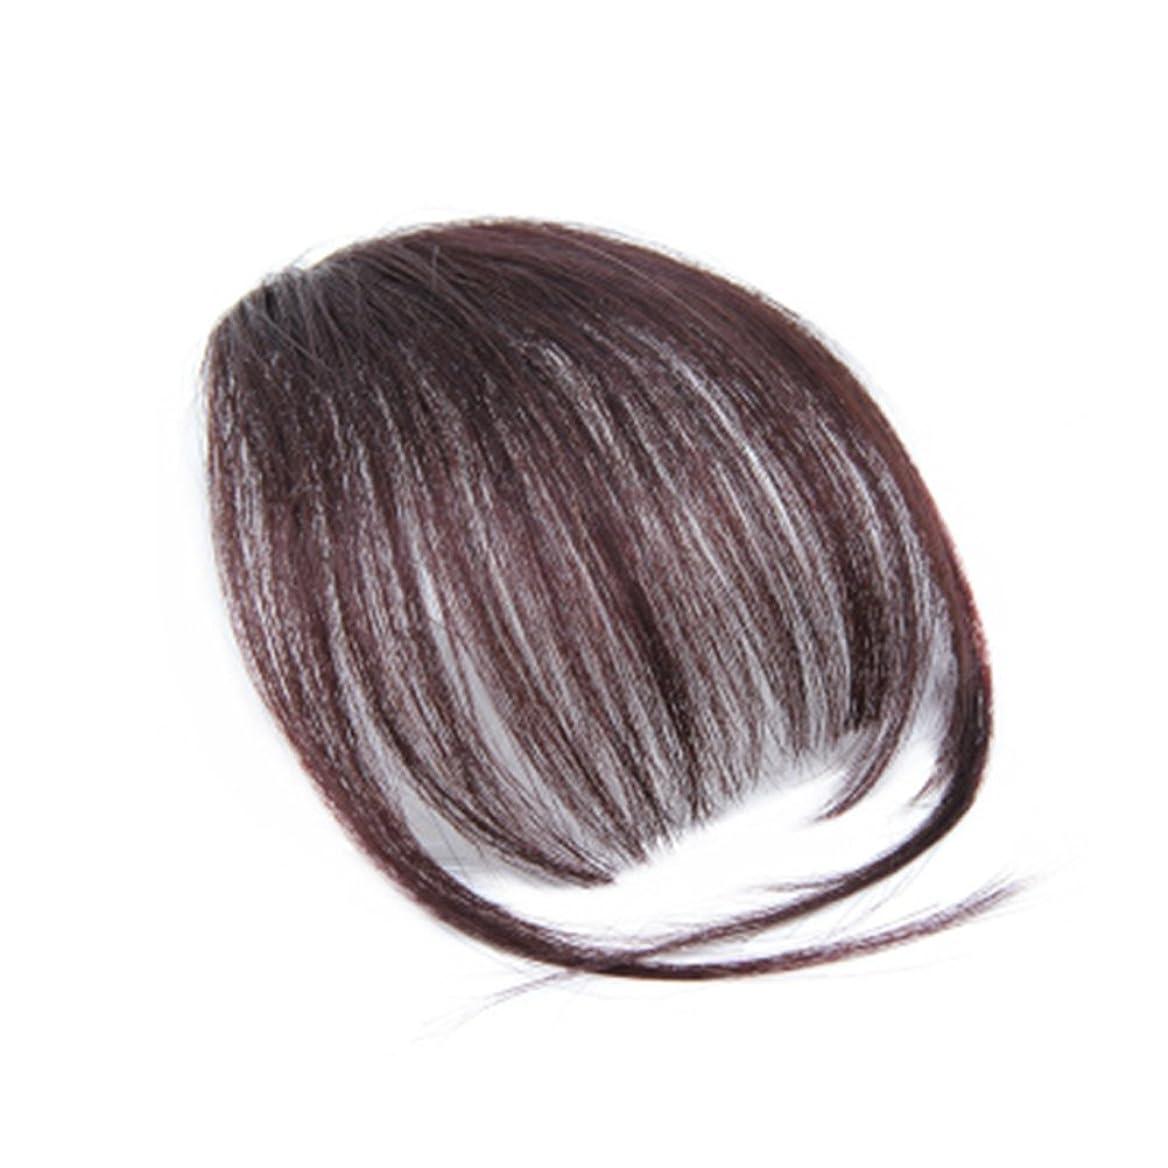 モバイル誘惑申請中SUPVOX 寺院の天然の本物の人間の髪の平らな前髪/フリンジの手の結び目前髪クリップインヘアエクステンション(ダークブラウン)